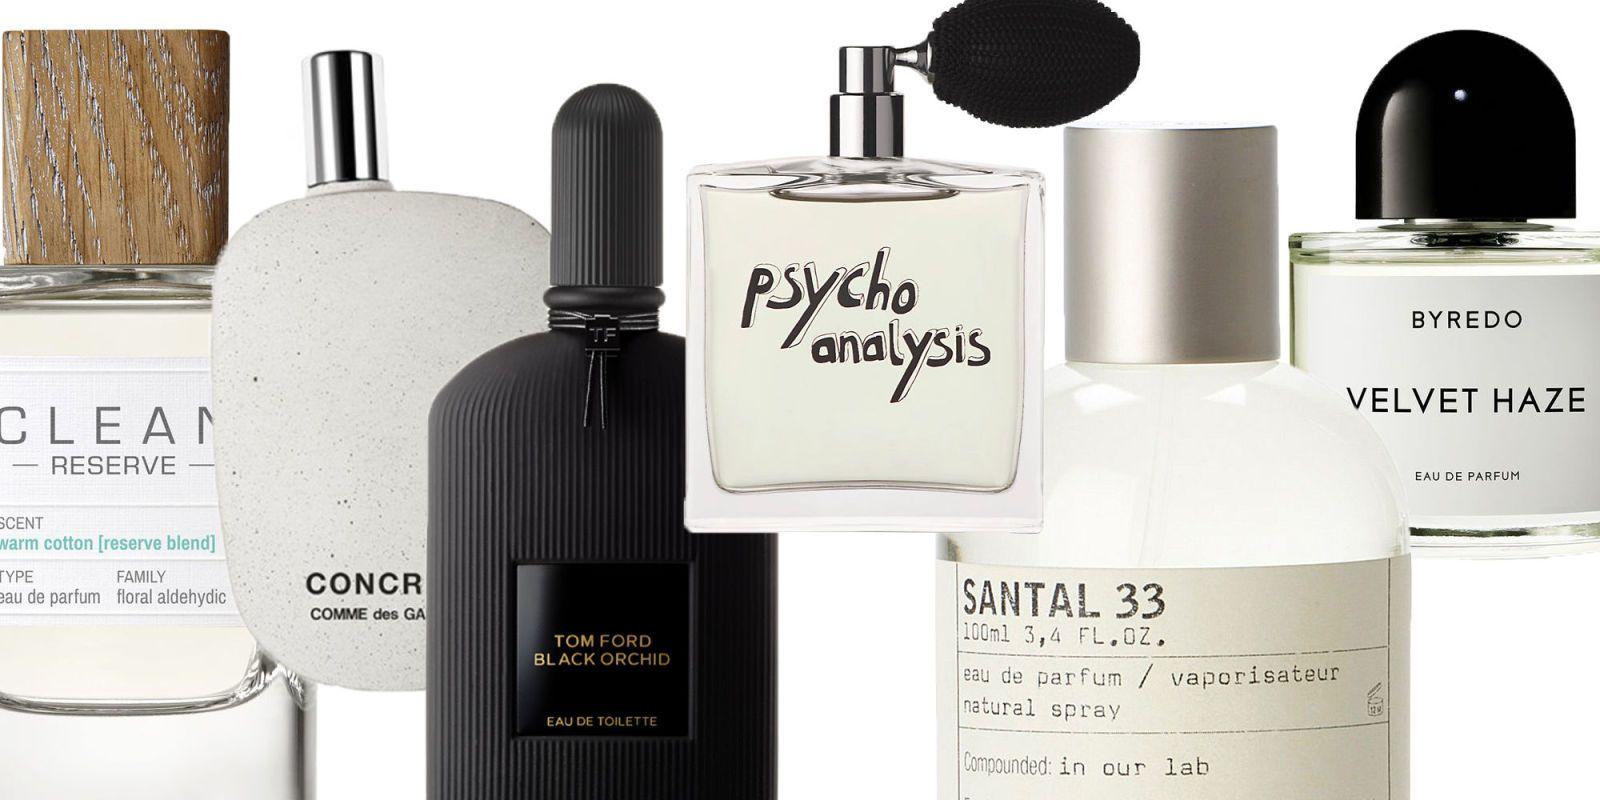 Top 10 unisex perfumes